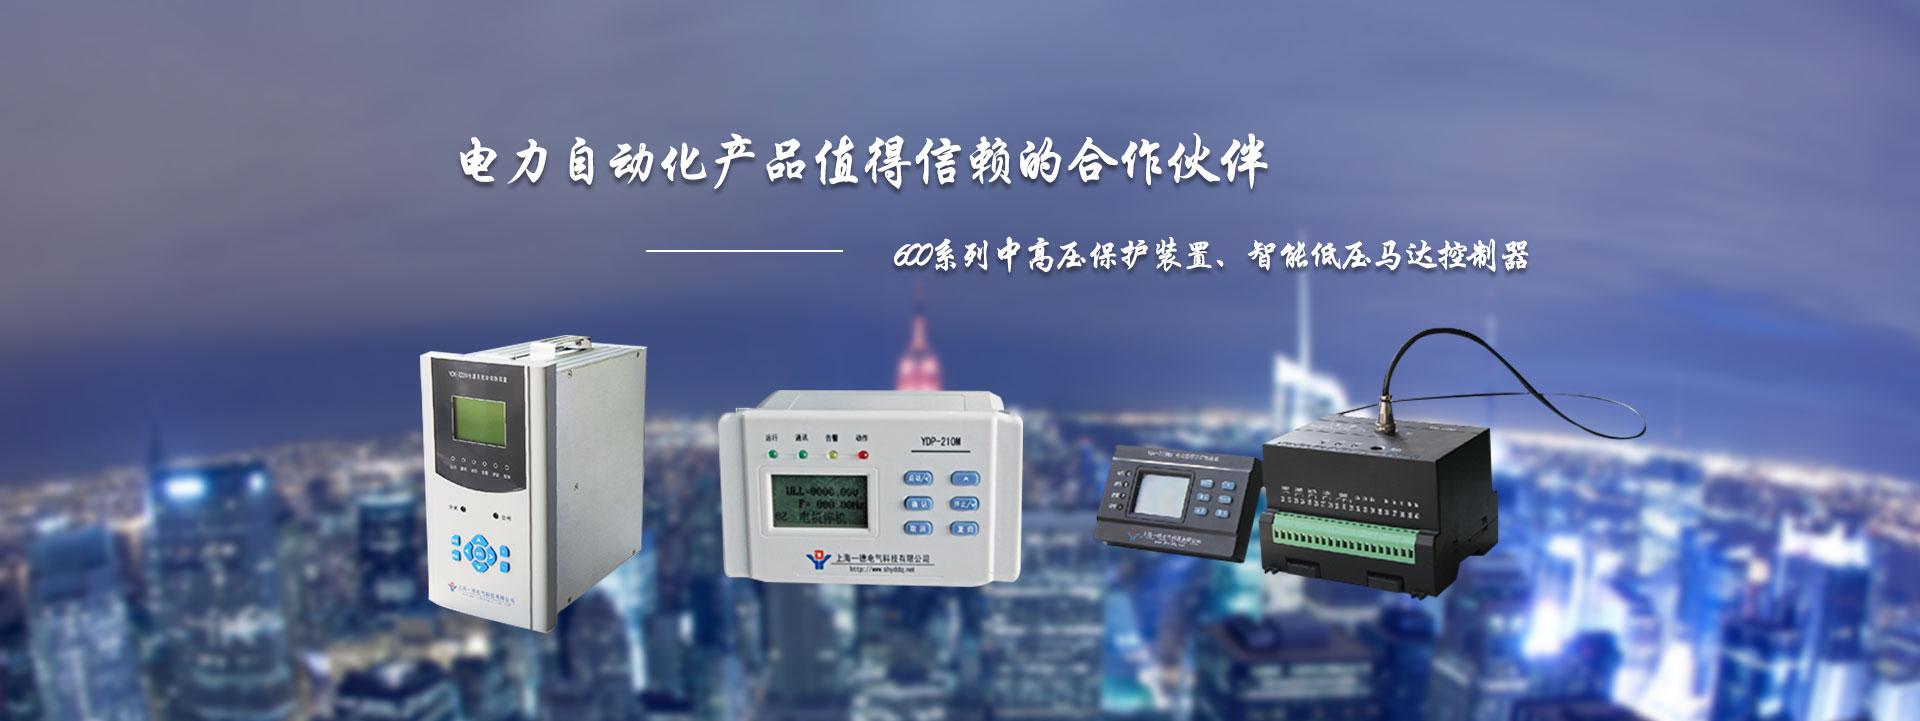 上海一德电气科技有限公司